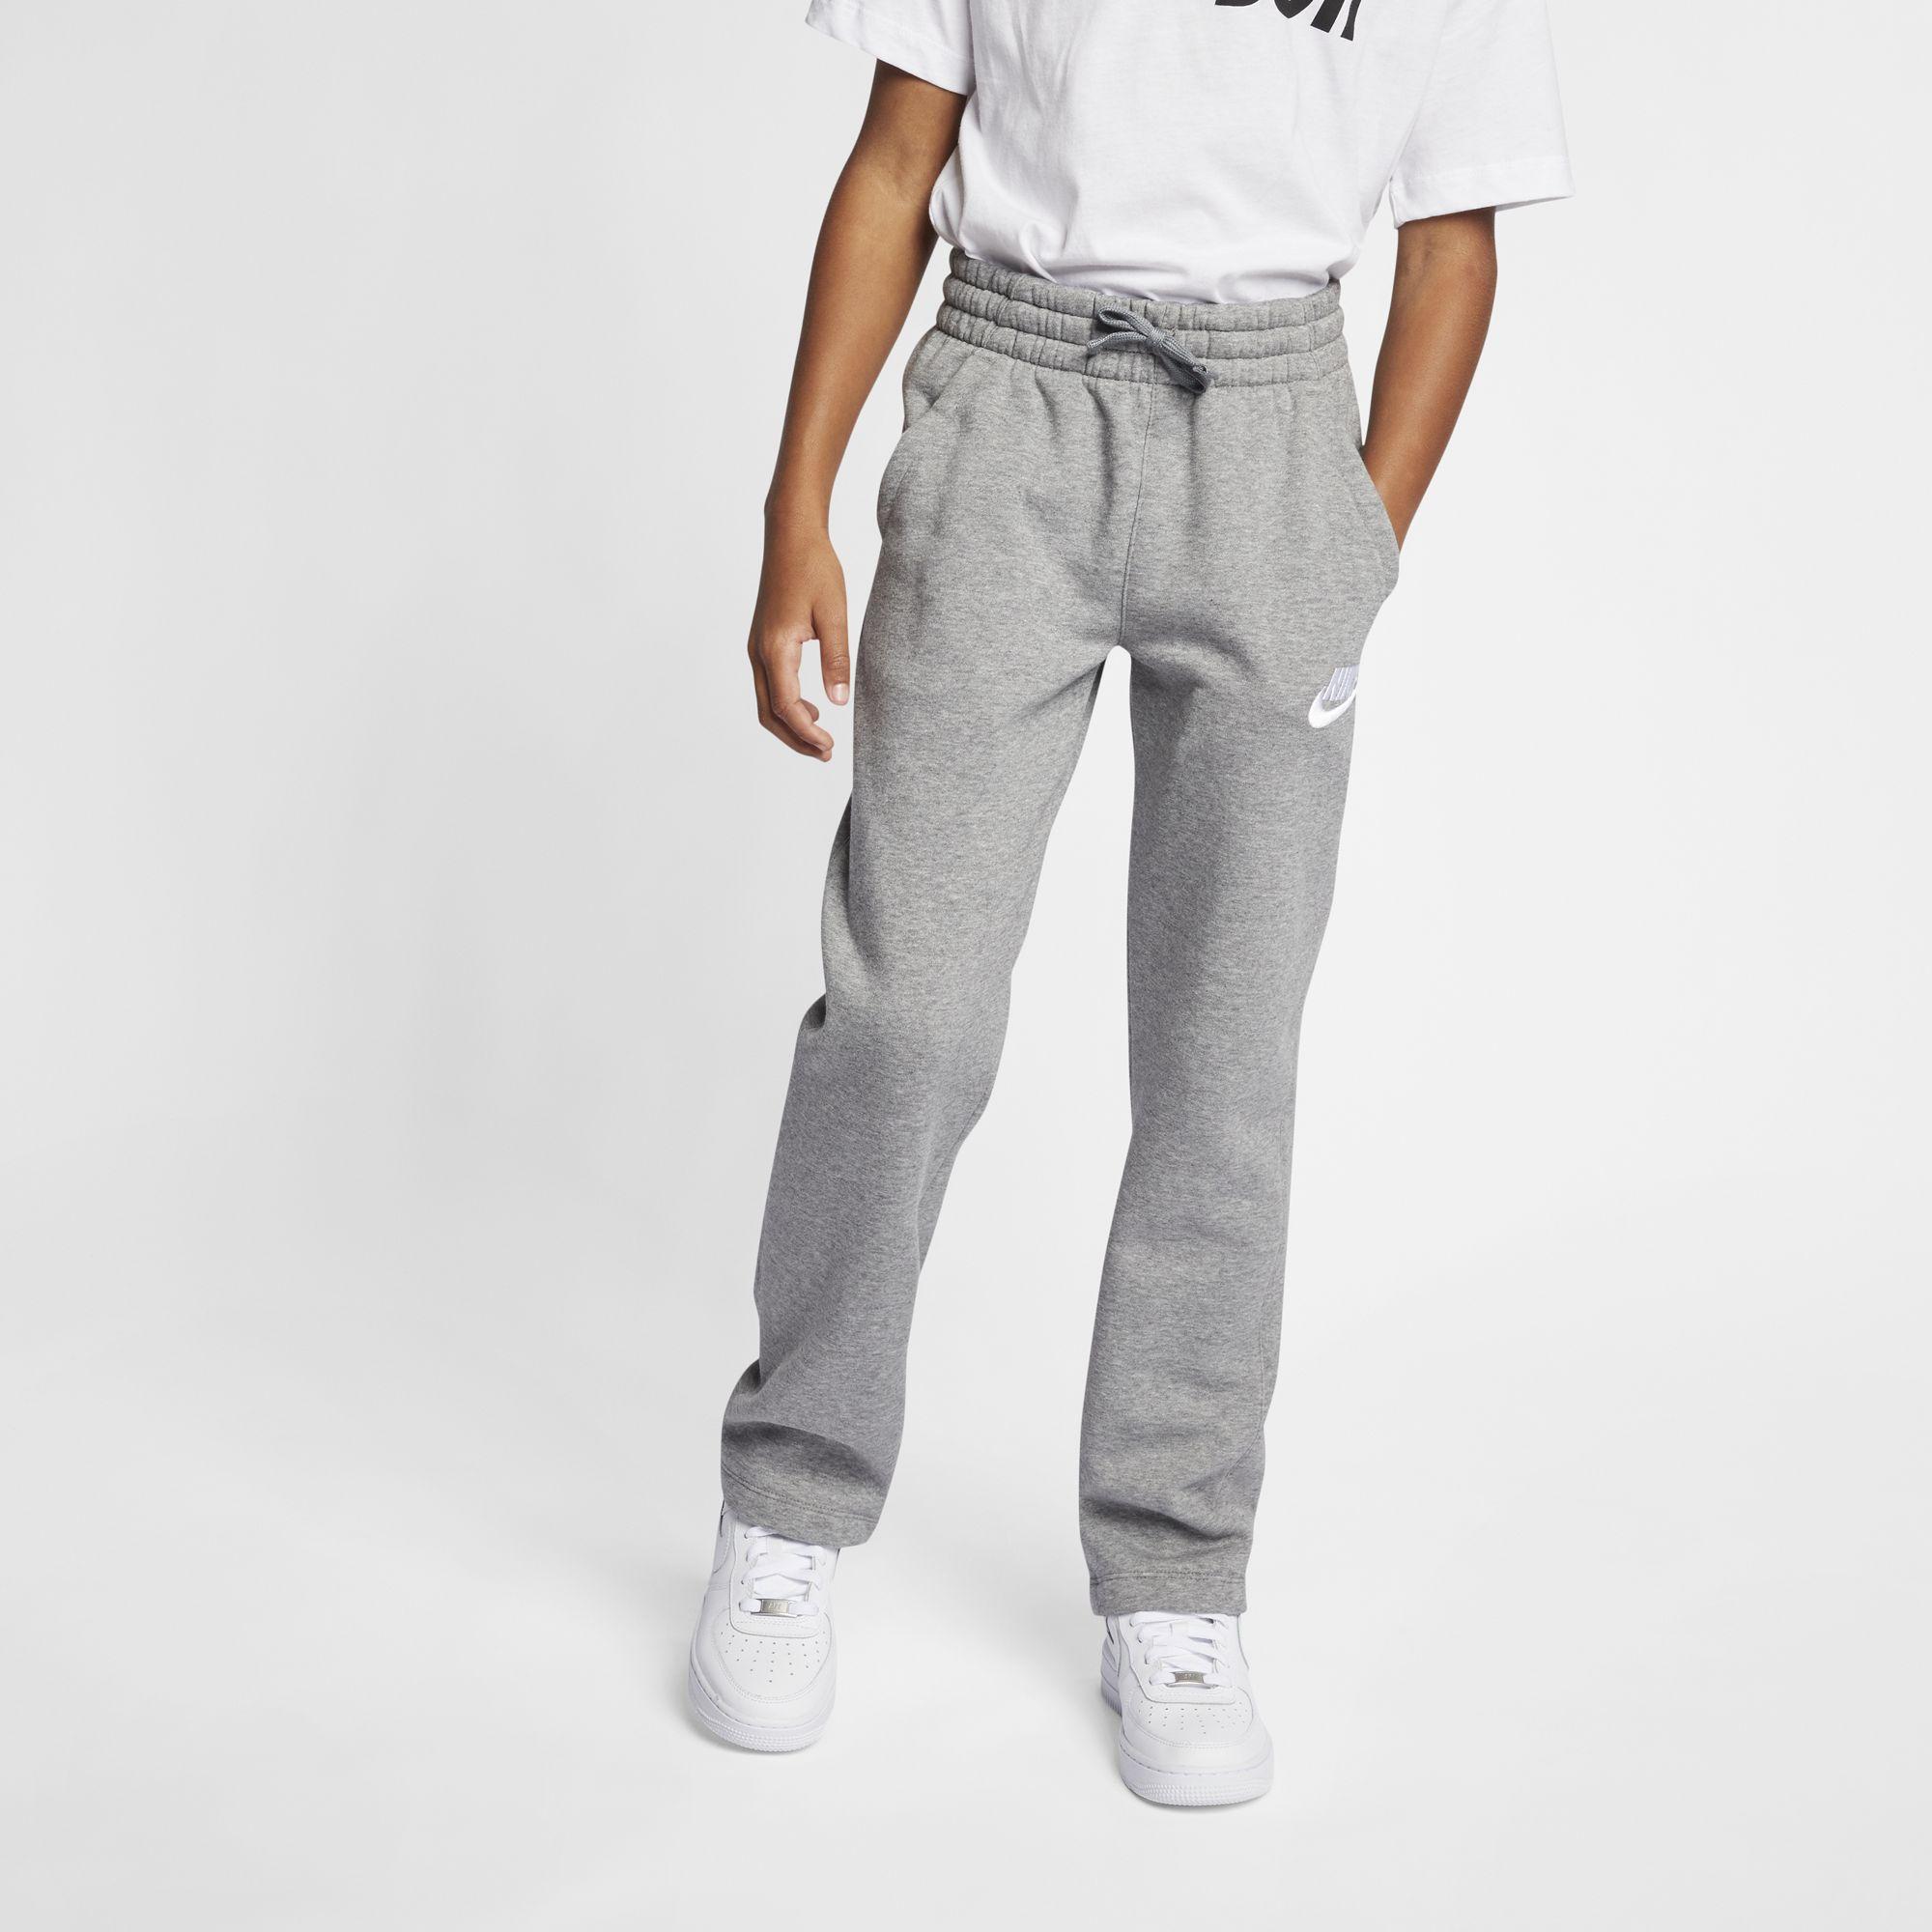 Boys' Sportswear Fleece Pants, Heather Gray, swatch